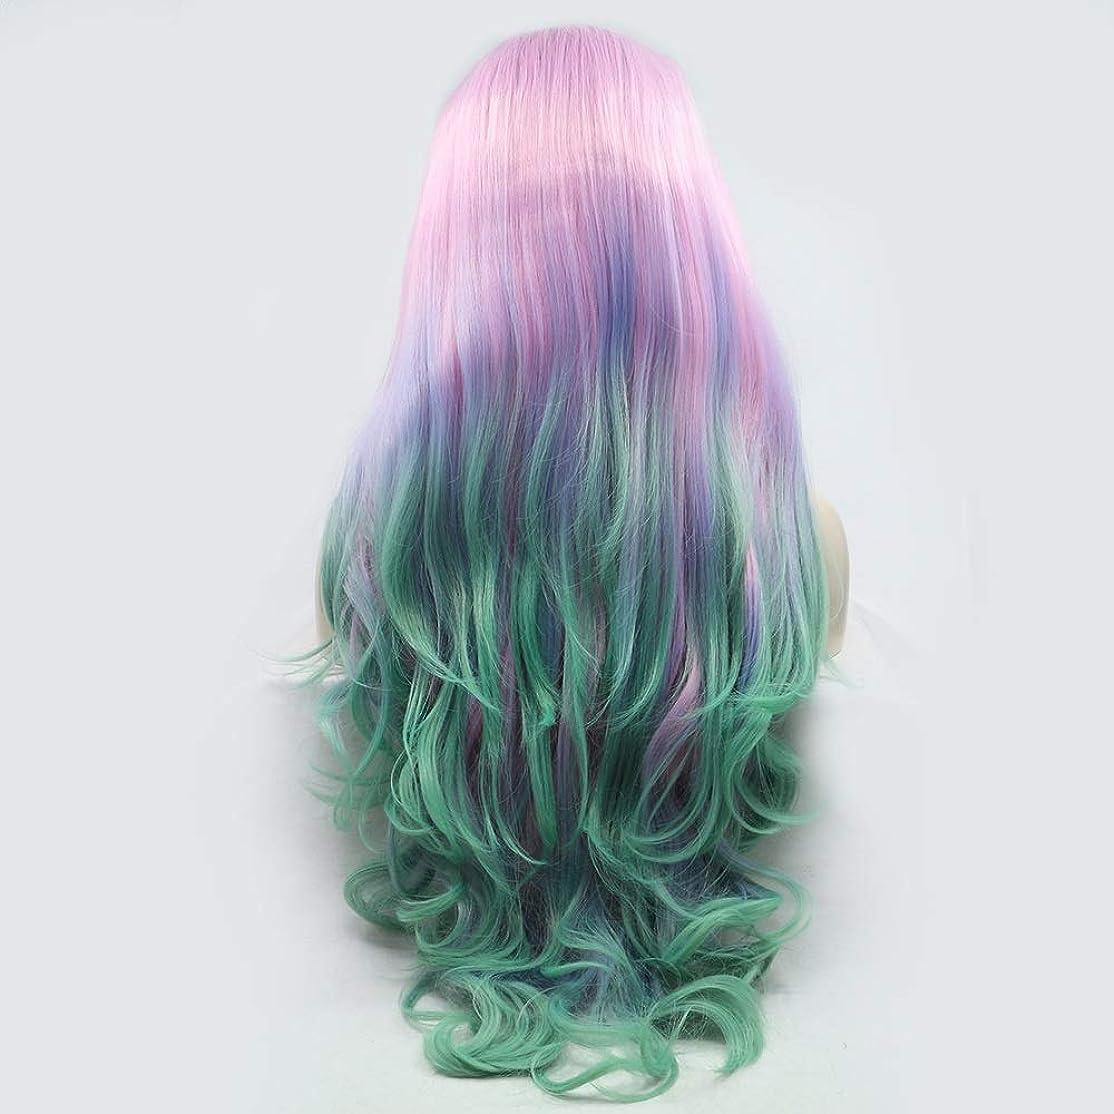 ショップ貼り直すアラートZXF 多色長い巻き毛のかつらレディース手作りレースヨーロッパとアメリカのかつらをかつらの髪の色で設定された色ピンク - グリーン - グラデーションセット 美しい